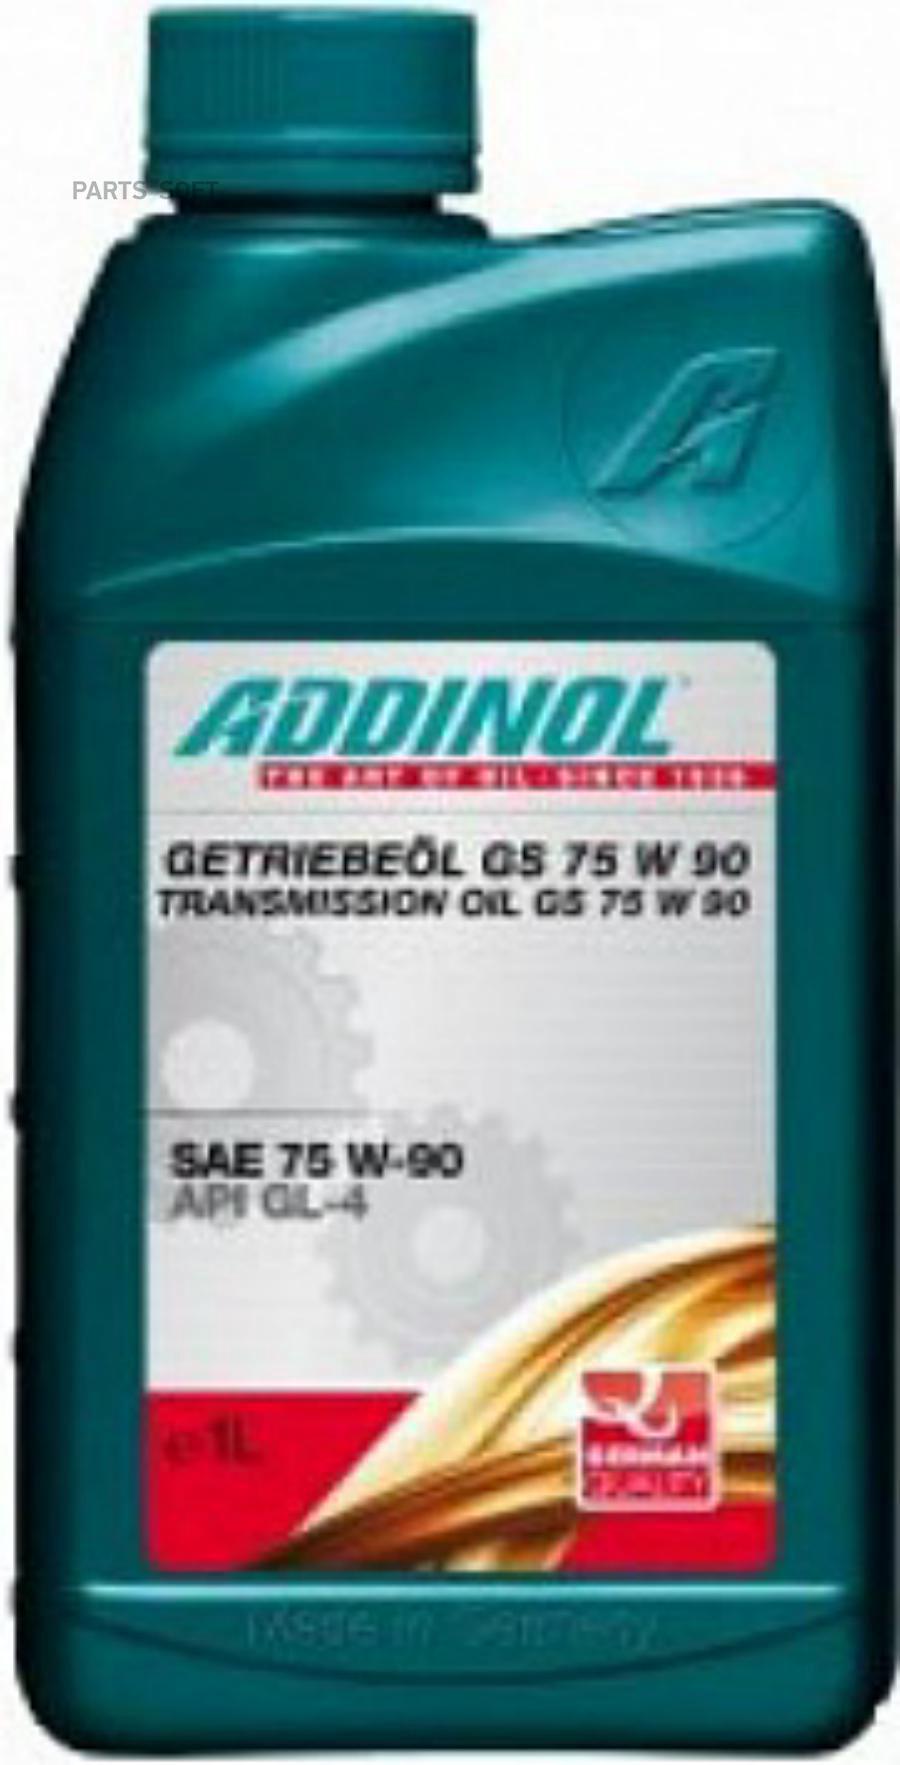 Масло трансмиссионное полусинтетическое Getriebeol GS 75W-90, 1л